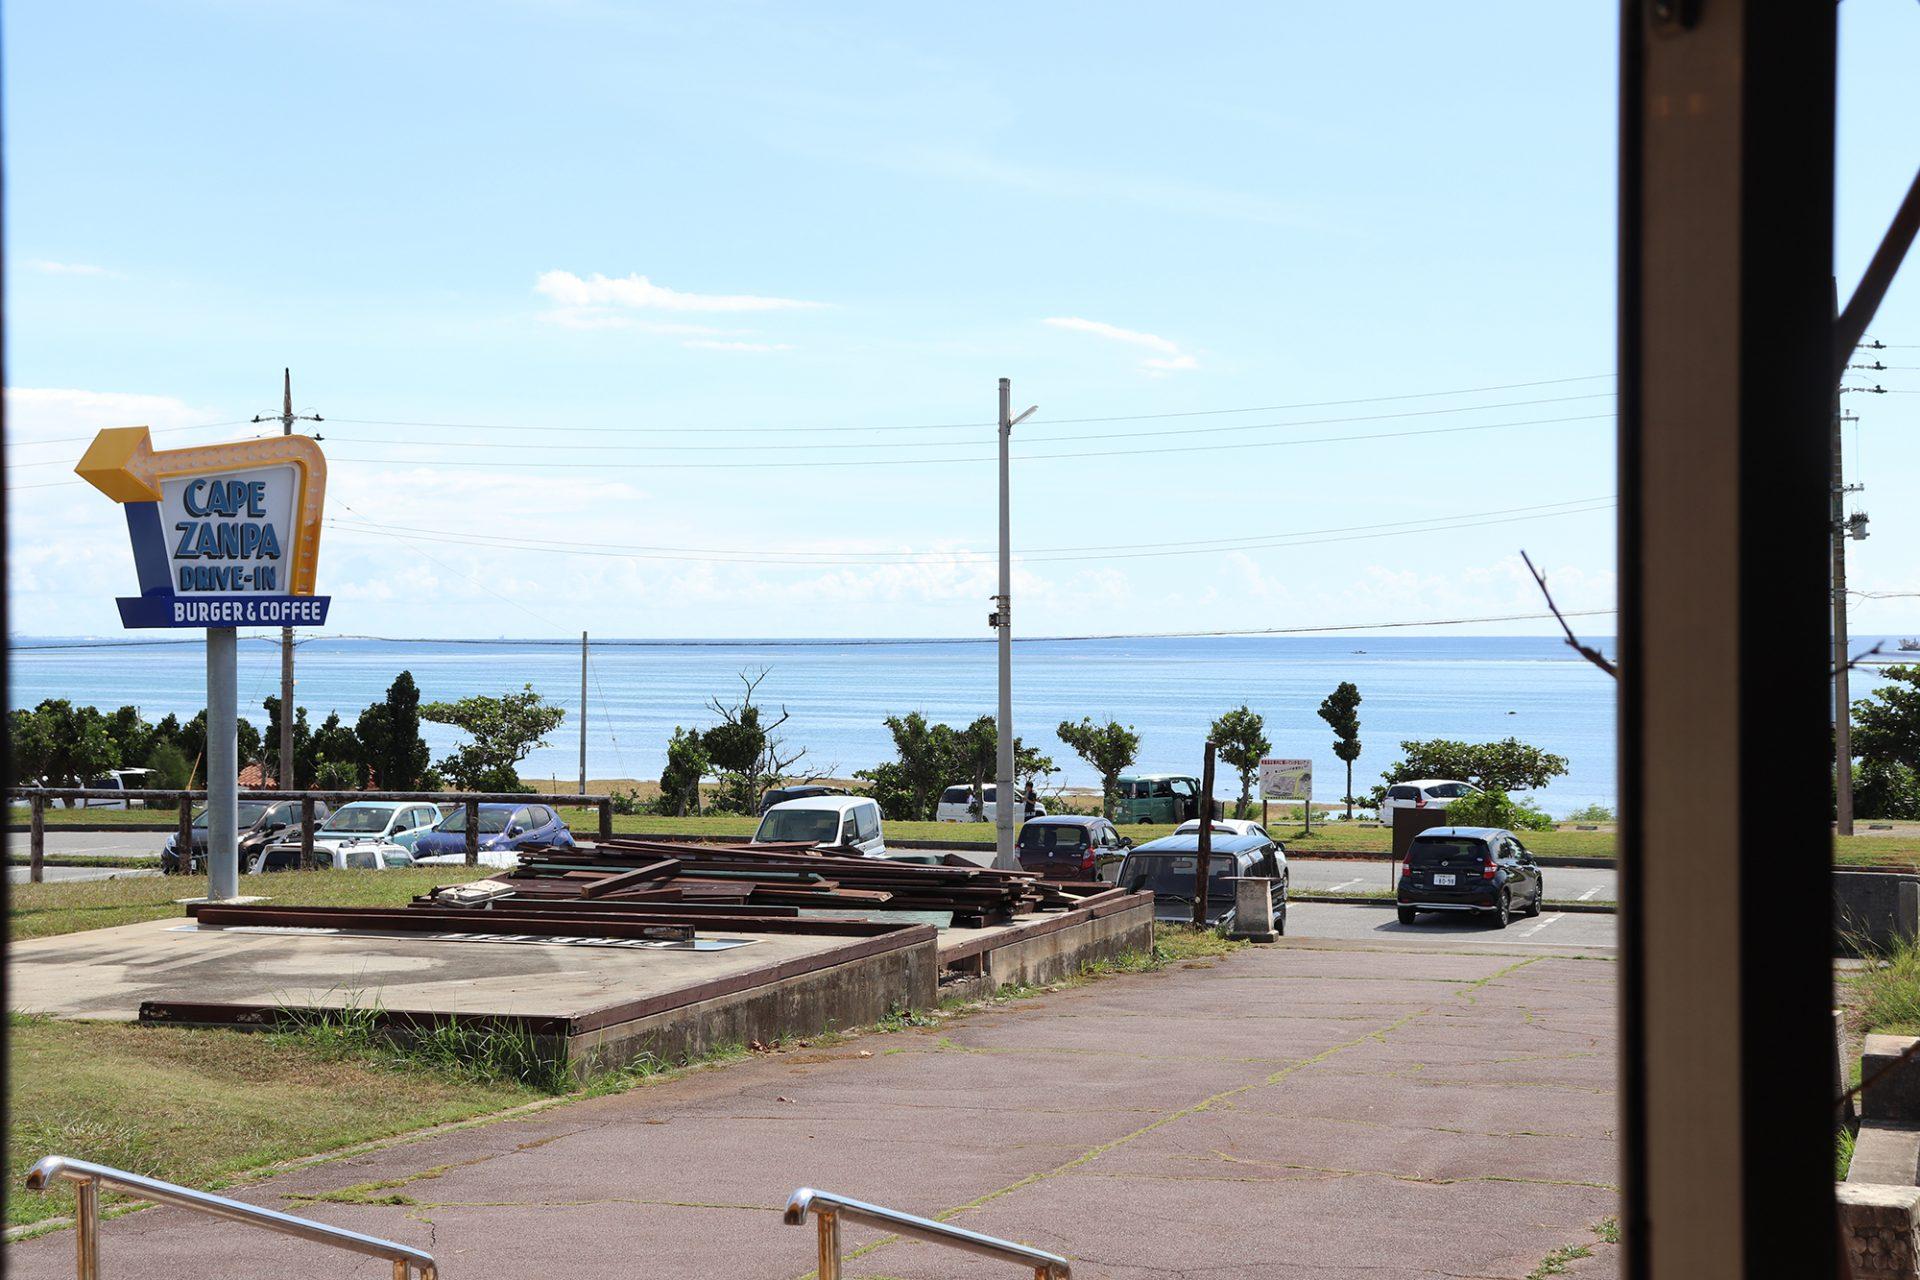 建物の入口から海を望むことができ、天気がいい日には、環境省の国立公園に指定されている慶良間諸島を遠くに見渡せます